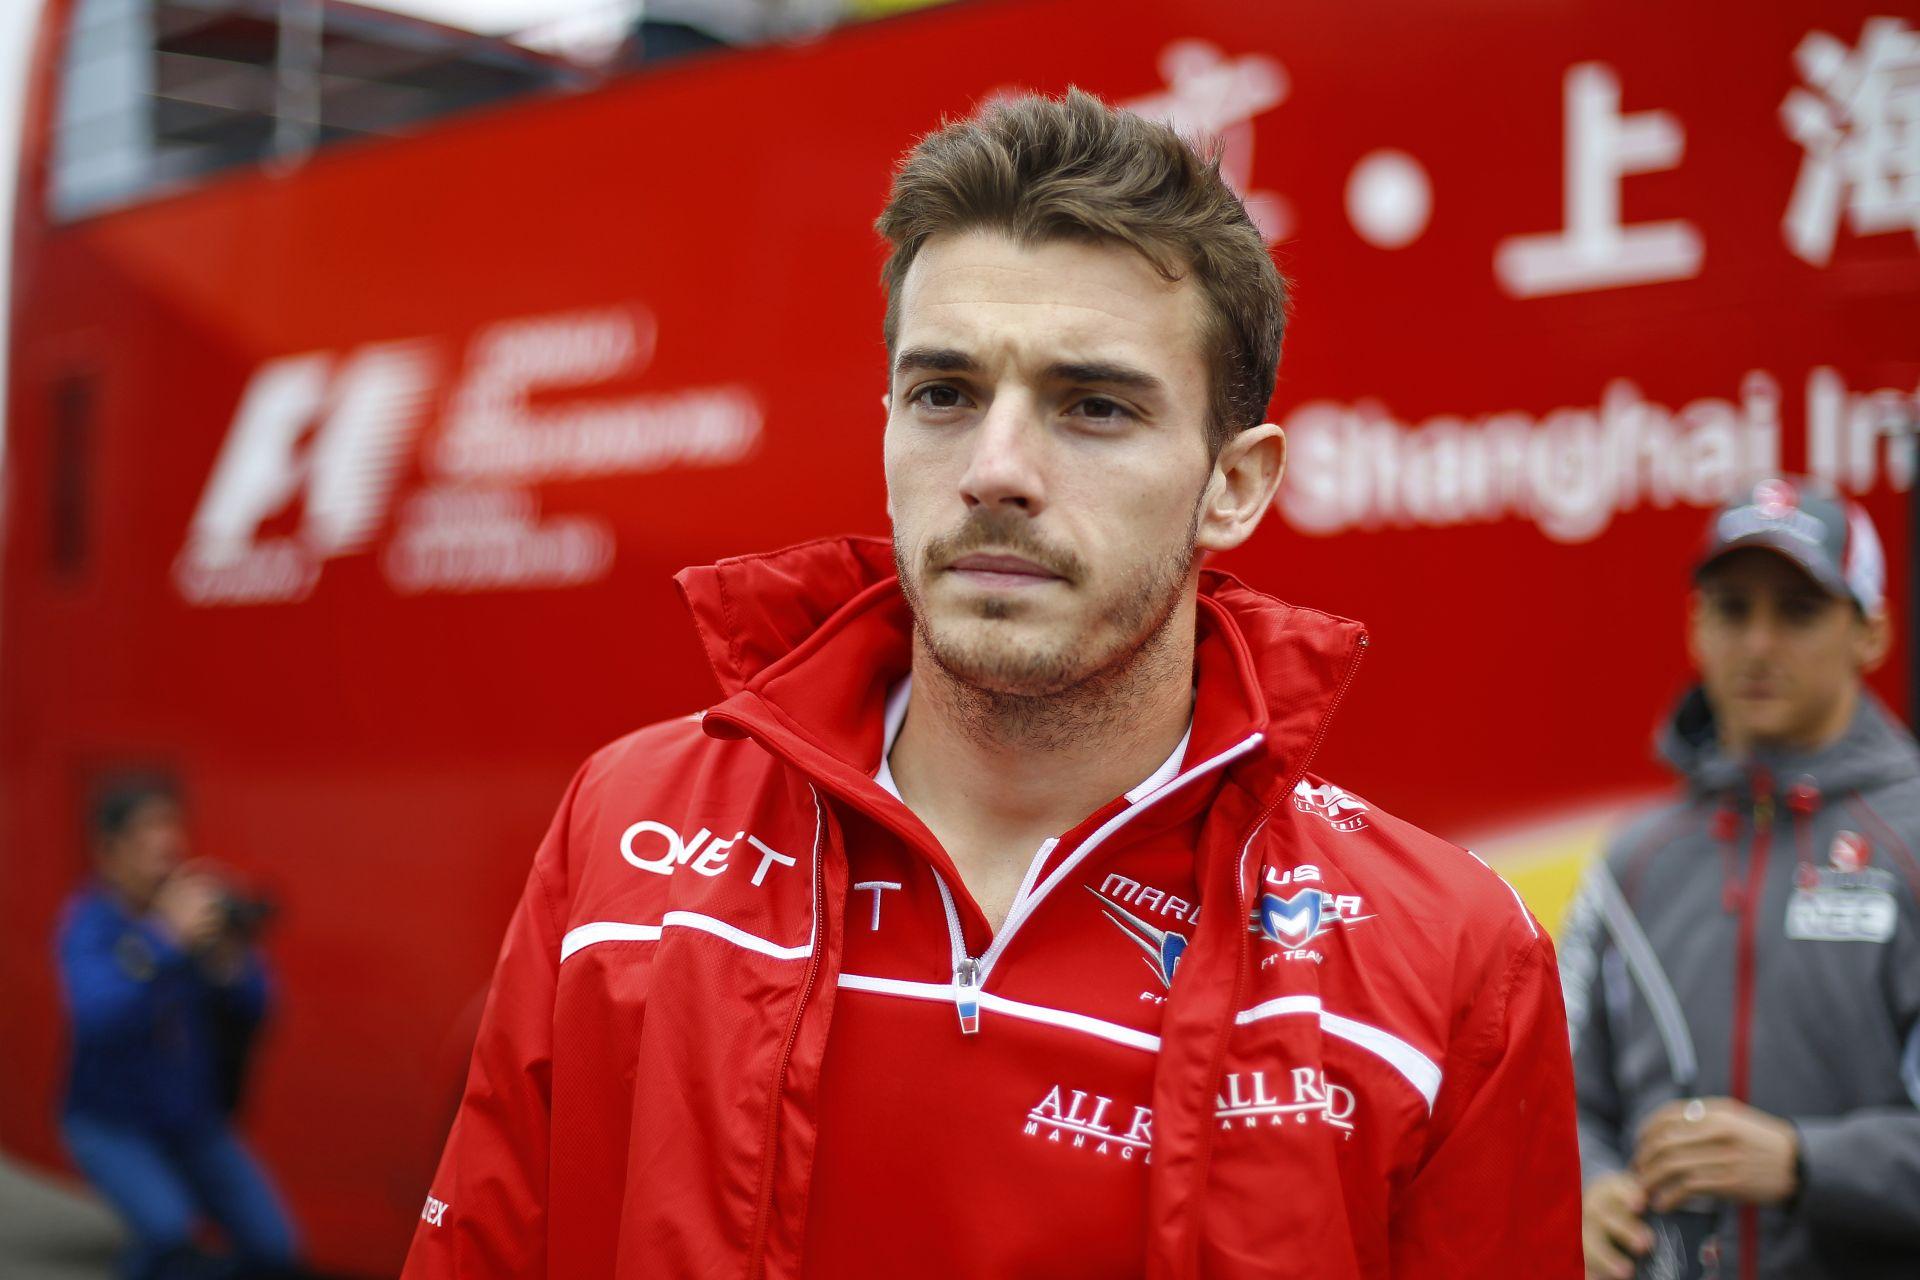 Újabb hírek Bianchi-ról: a francia versenyző állapota még mindig kritikus, de stabil